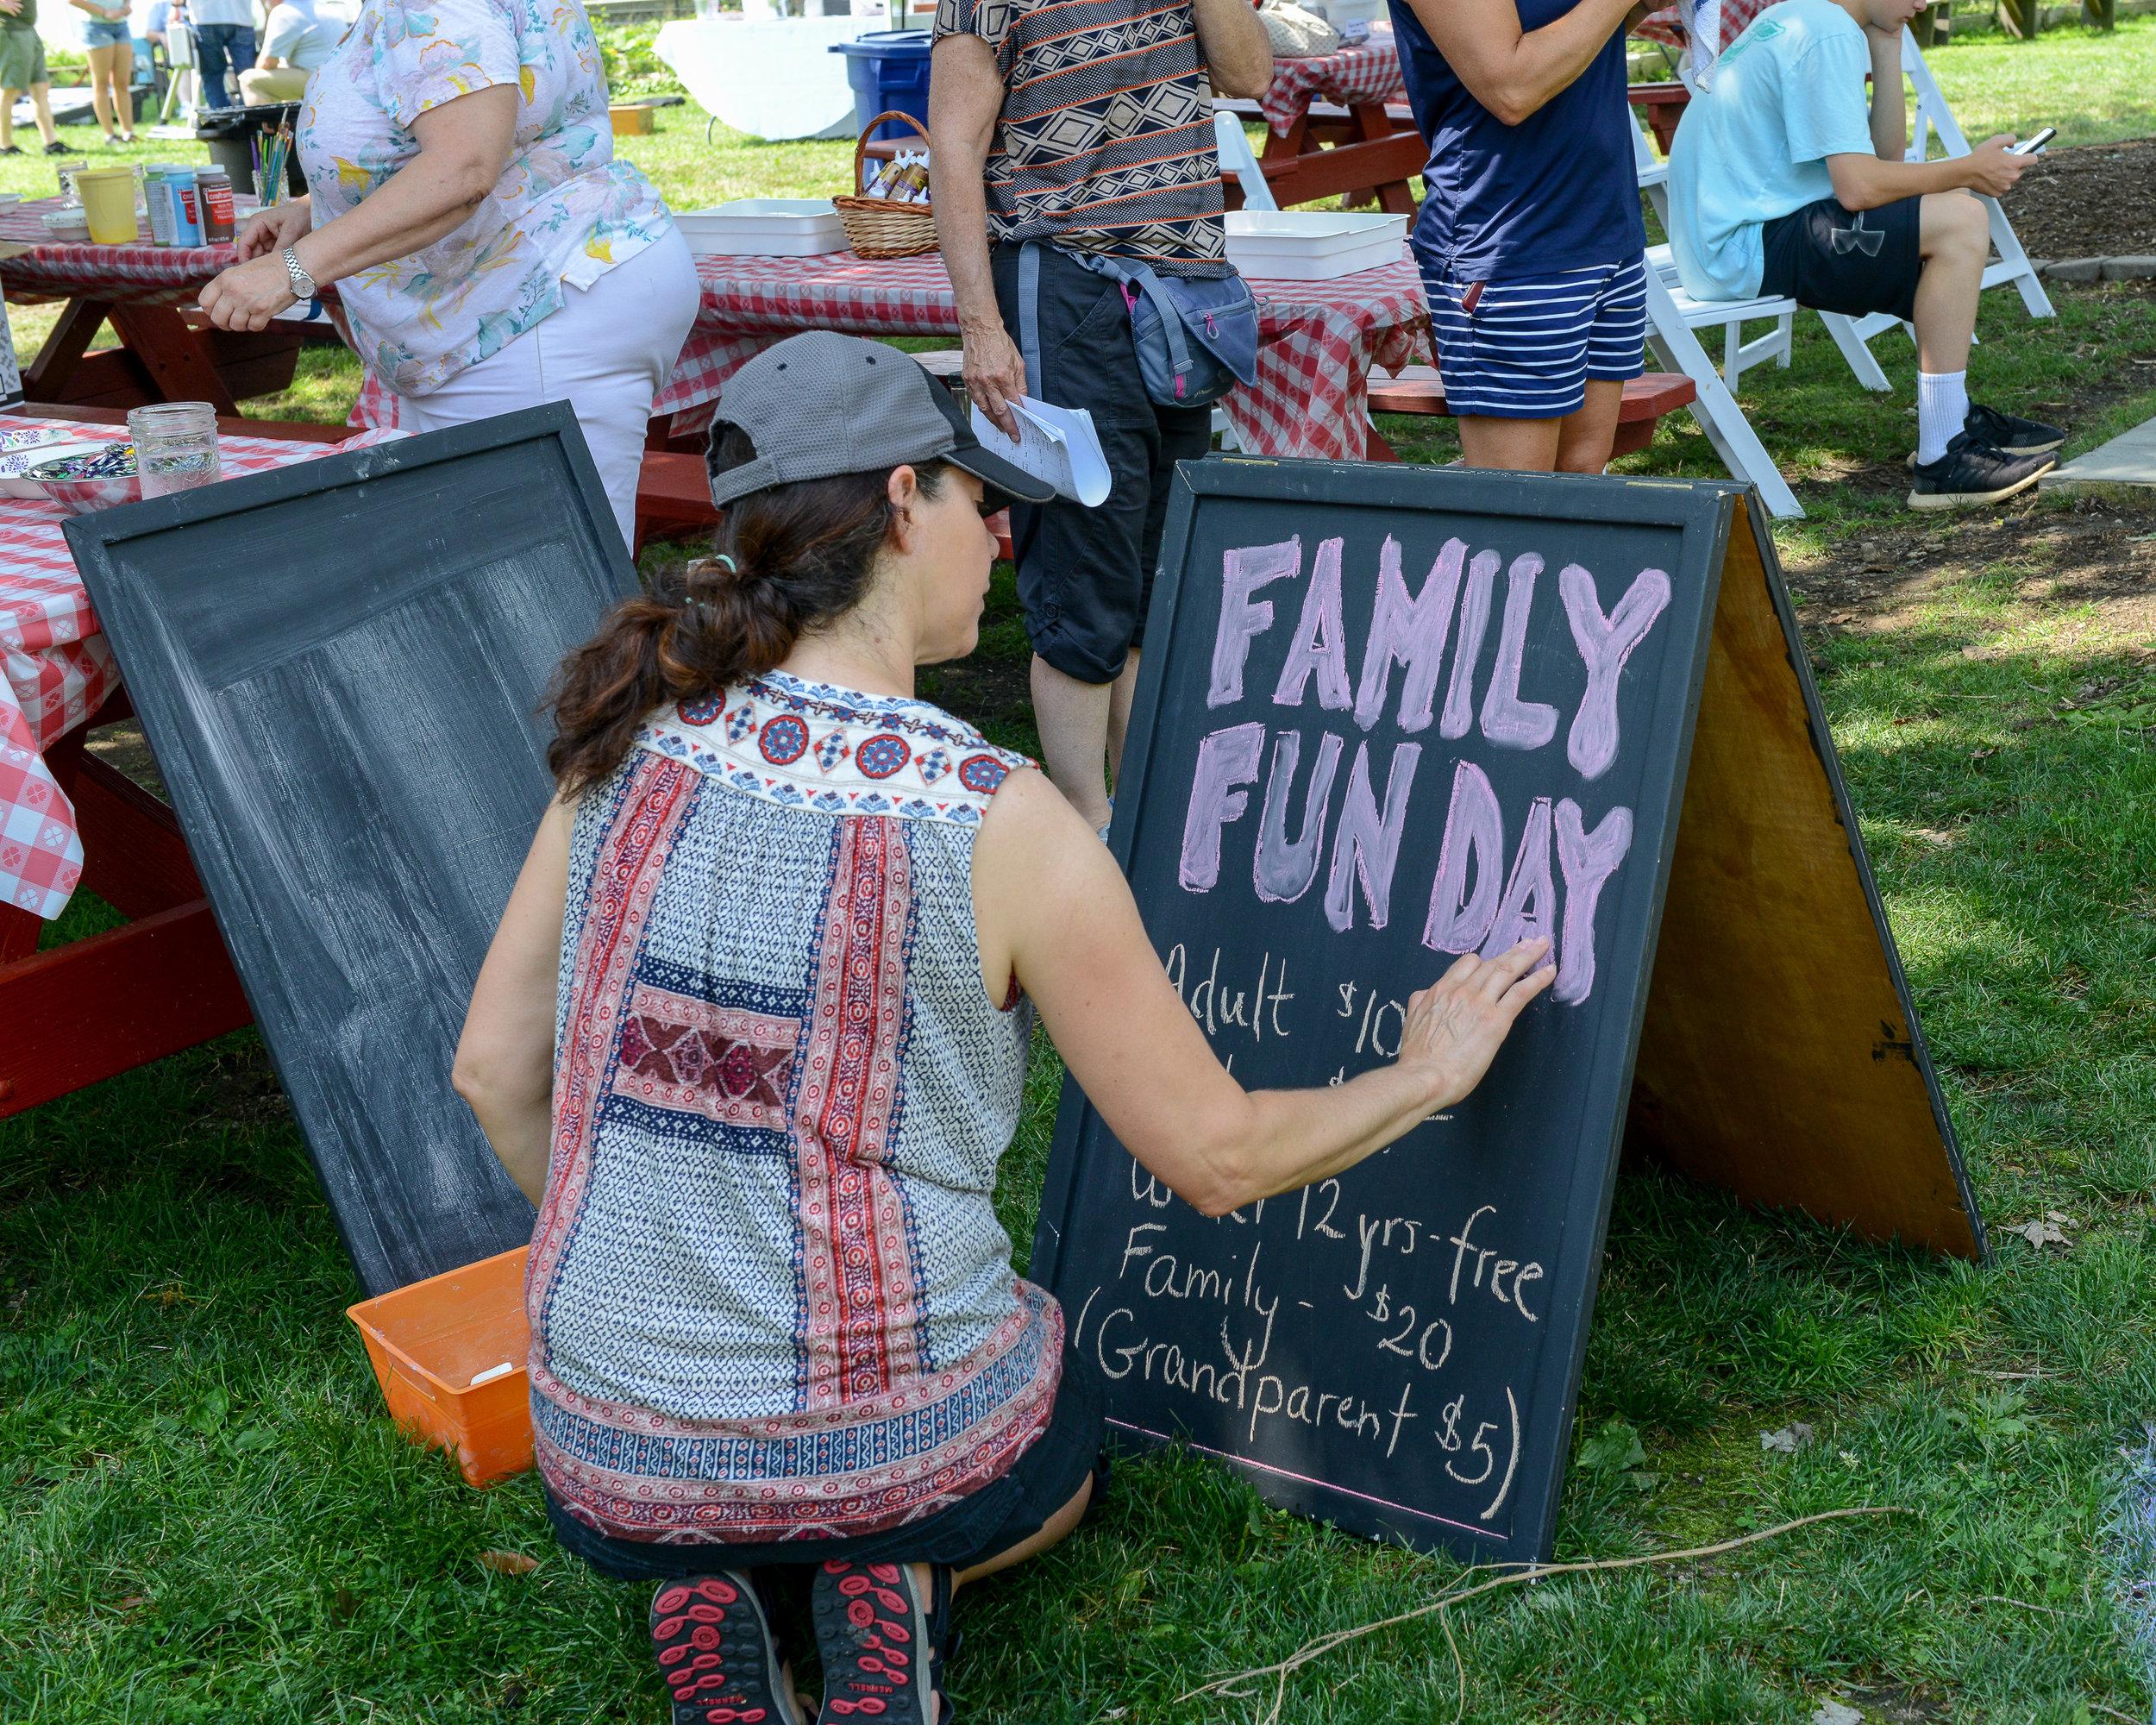 Family FUn Day 2019 - Robert Osgood Photos